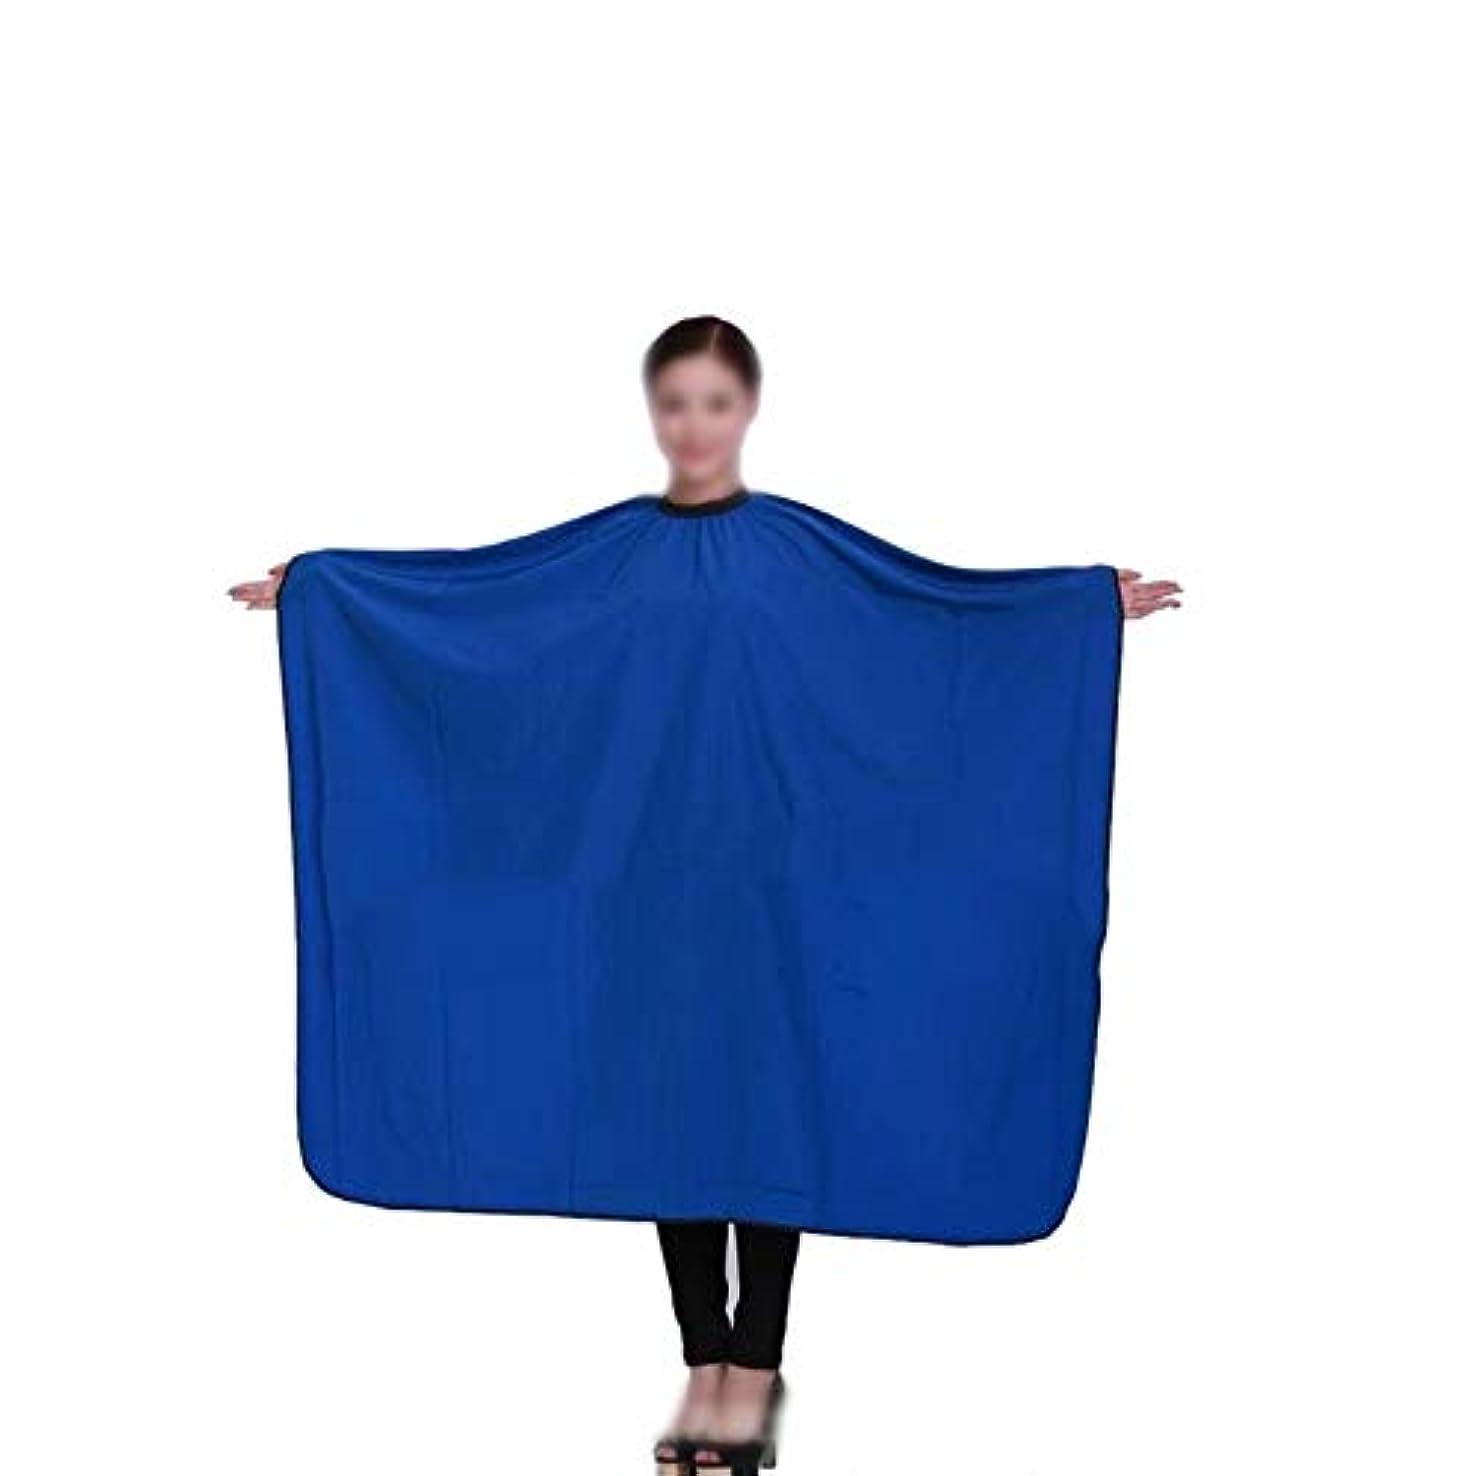 遺伝的配るLucy Day サロンヘアカットエプロンヘアカット防水布ブルースタイリングケープサロン布